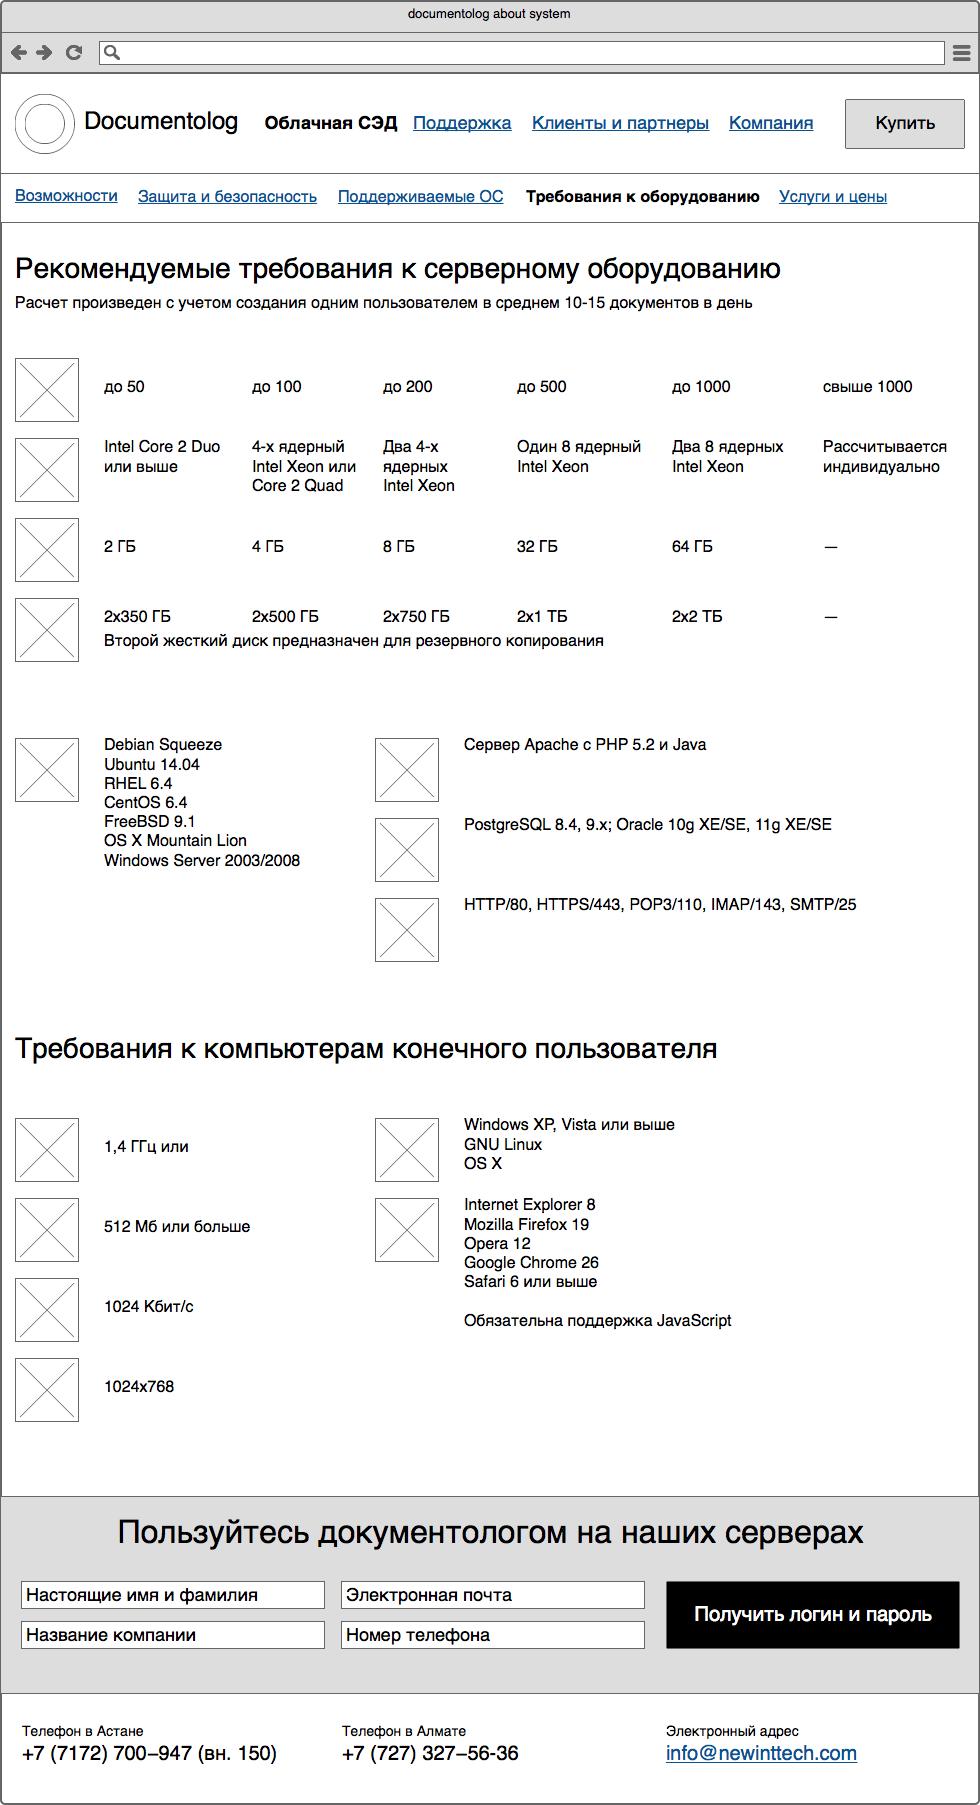 Прототипы сайта «Документолога» Сайт Артура Нецветаева — сайты, приложения, прототипы и оформление интерфейсов about system 2